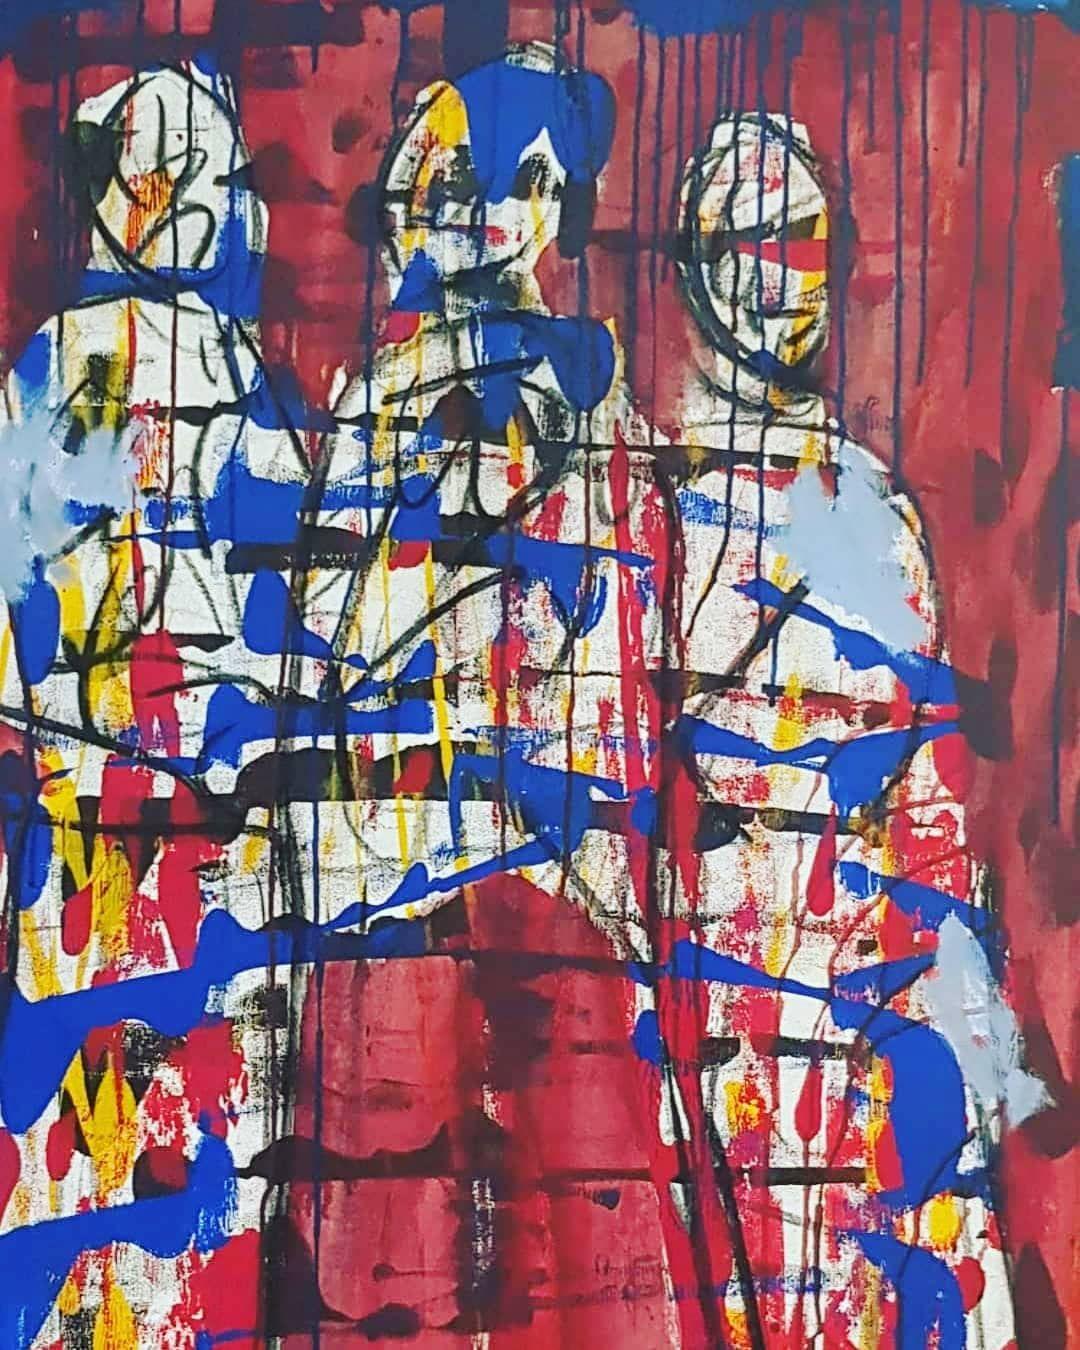 Gefallt 0 Mal 0 Kommentare Galerie Wehr Galeriewehr Auf Instagram Armin Mueller Stahl Unikat Auf Leinwand 3 Schwestern Neu In Der In 2020 Painting Art Armin